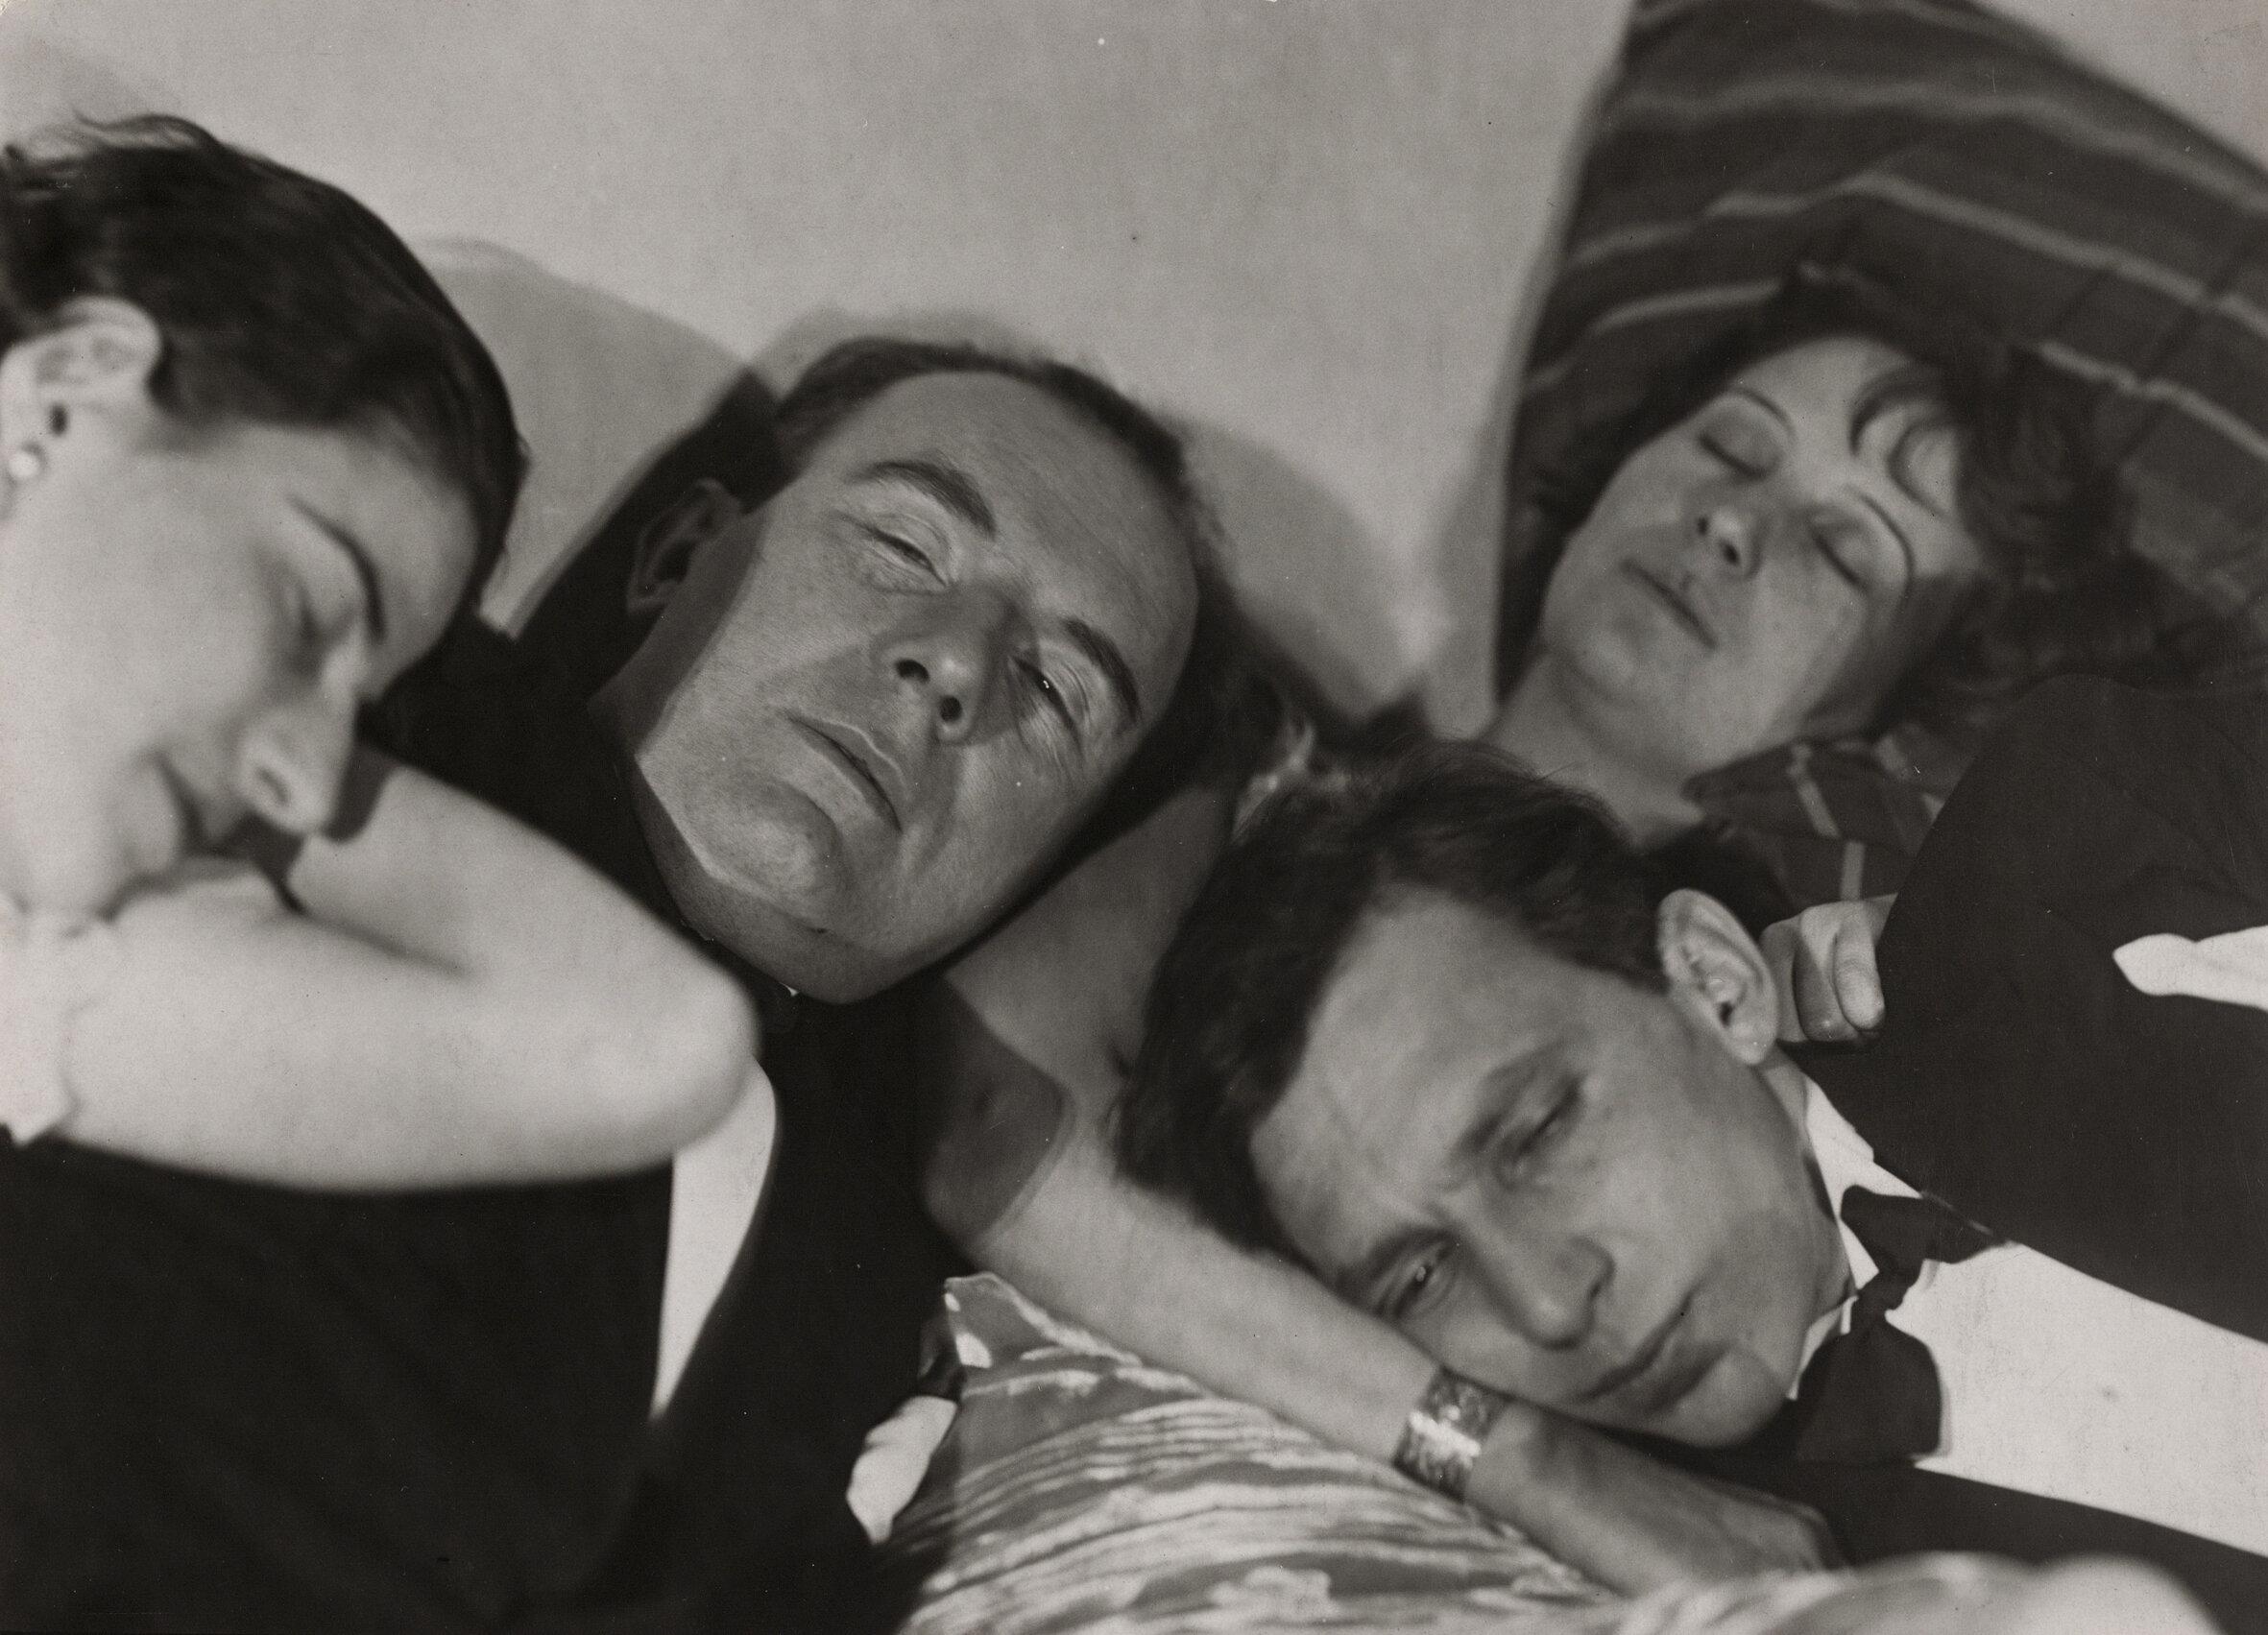 Alice Hirsekorn (1900‒1964), Vier Köpfe in Draufsicht, 1927, Silbergelatinepapier, 14,5 x 21 cm, Berlinische Galerie – Museum für Moderne Kunst, © unbekannt, Foto: Anja Elisabeth Witte